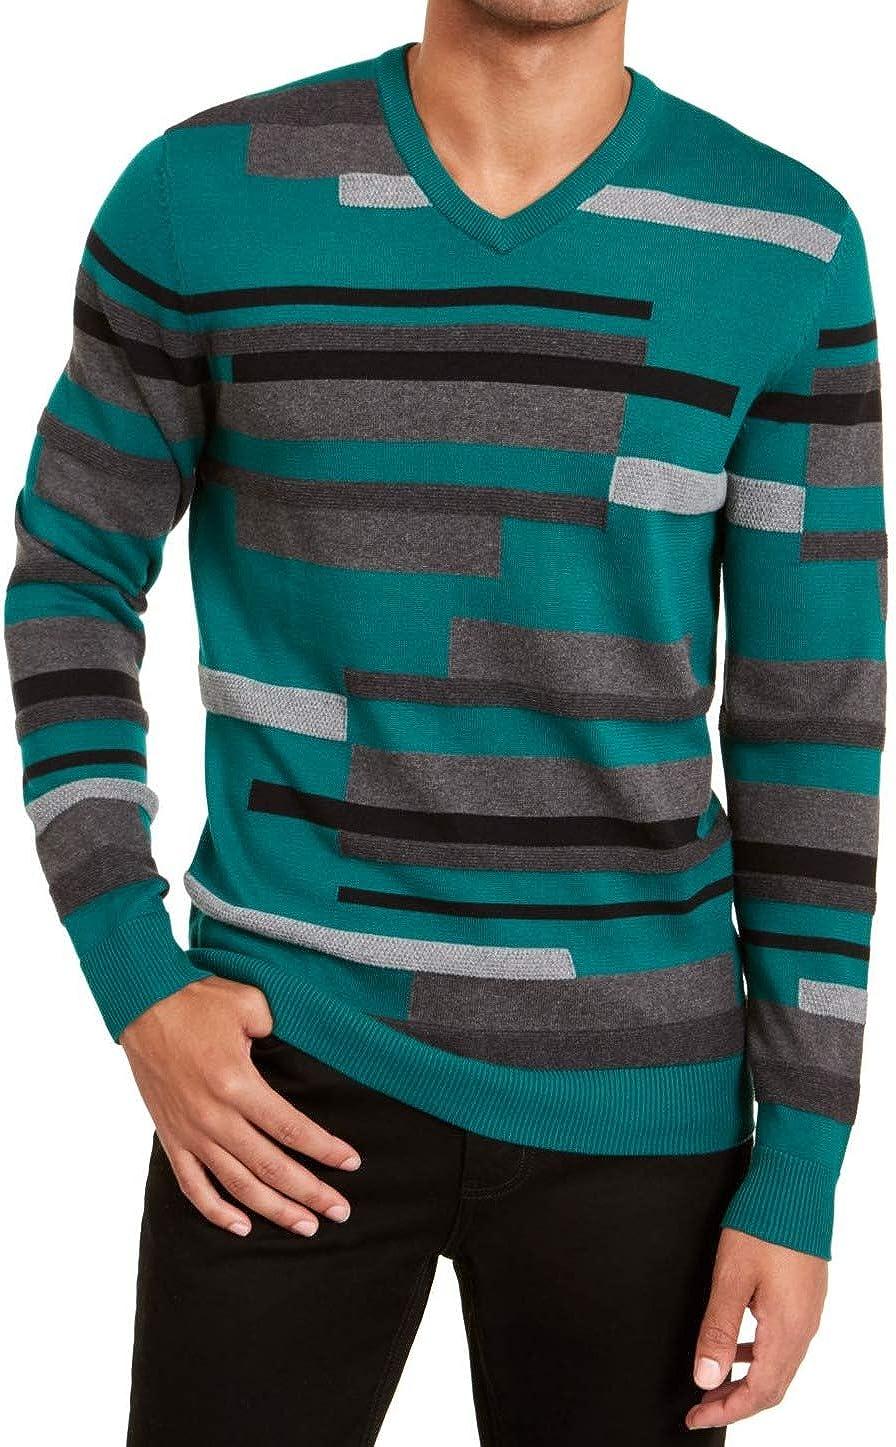 Alfani Mens Cotton Be super welcome Max 41% OFF Striped Sweater